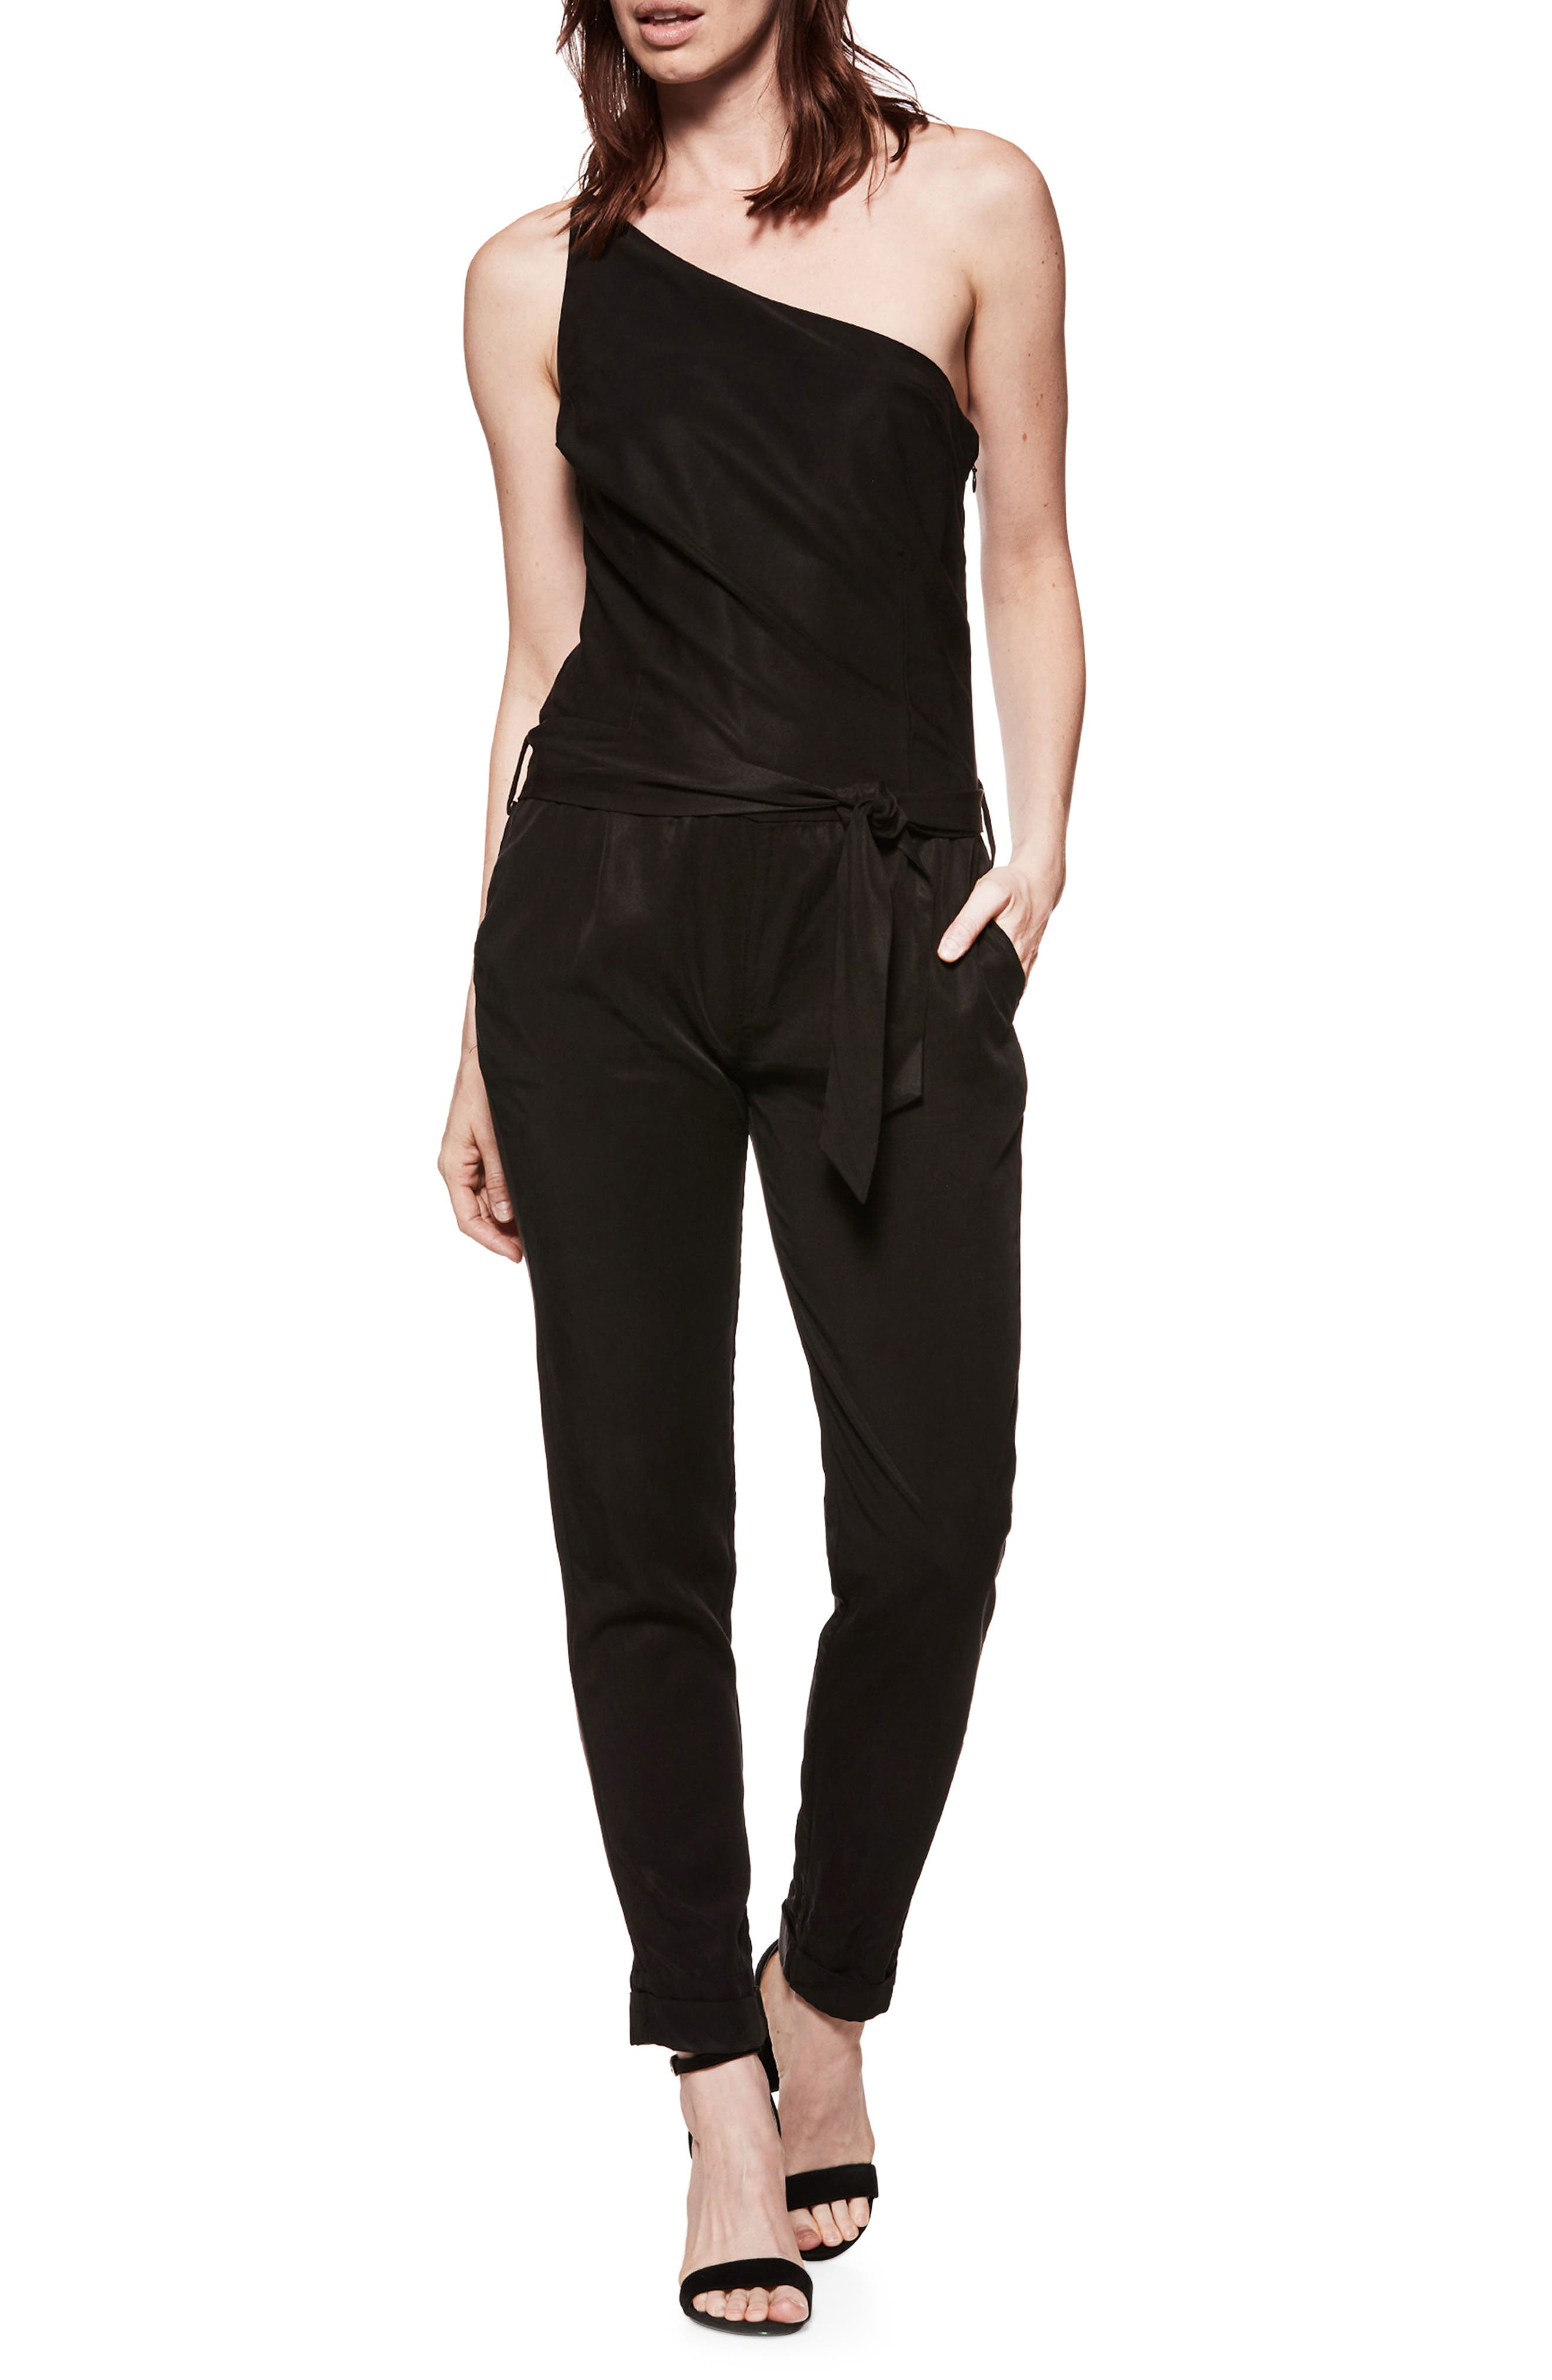 Maise One-Shoulder Jumpsuit,                             Main thumbnail 1, color,                             Black